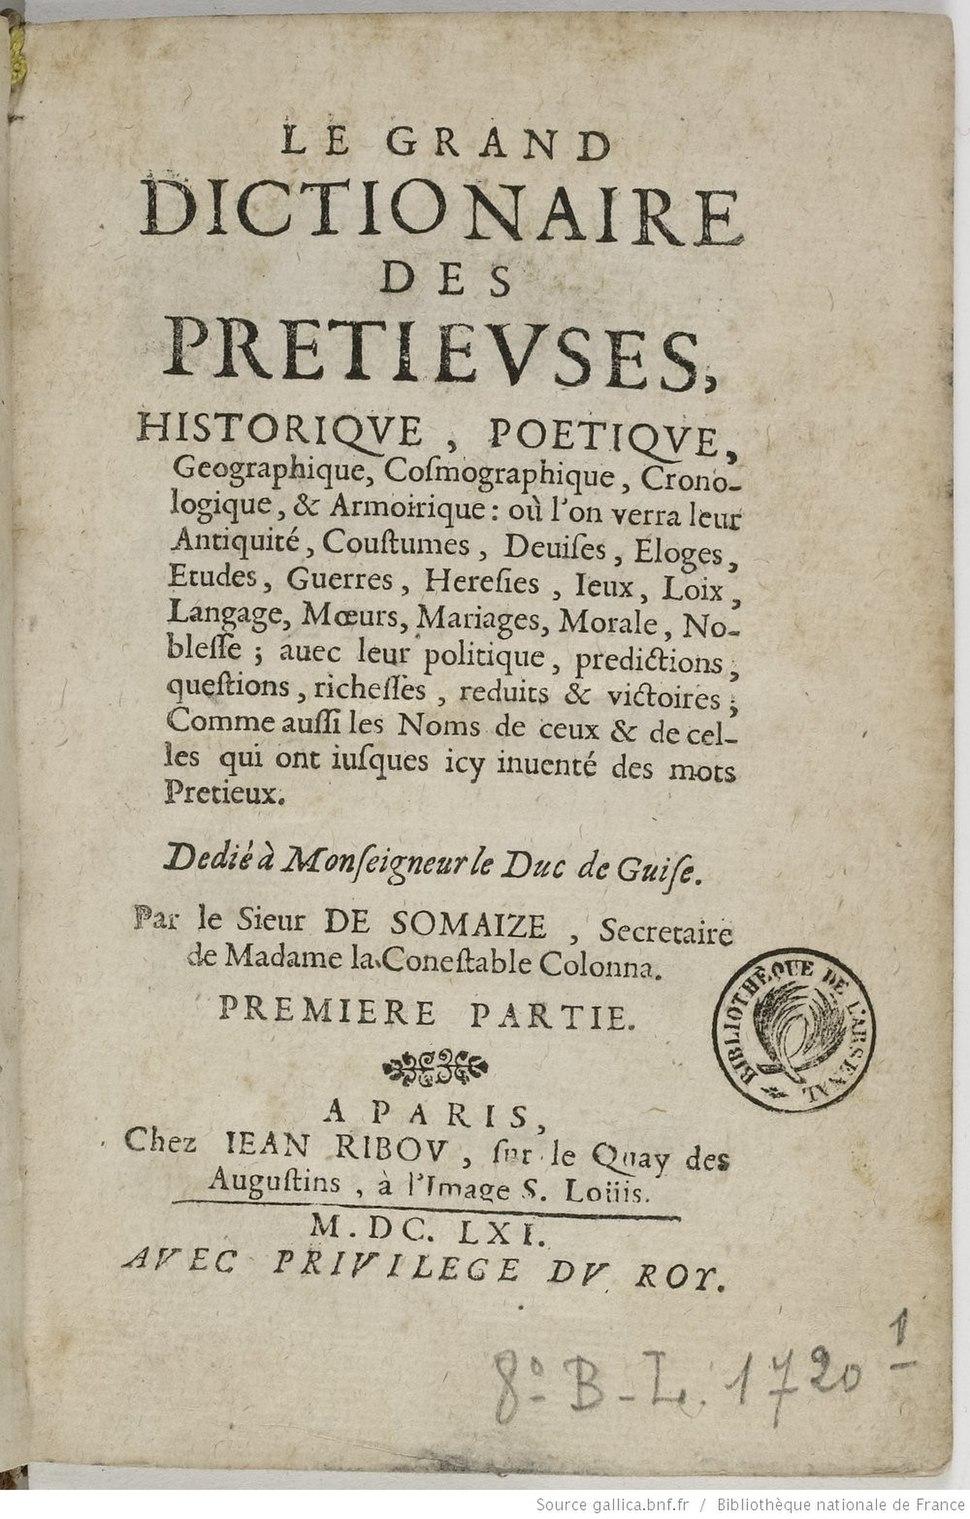 Page de titre du Grand Dictionnaire des précieuses, de Baudeau de Somaize